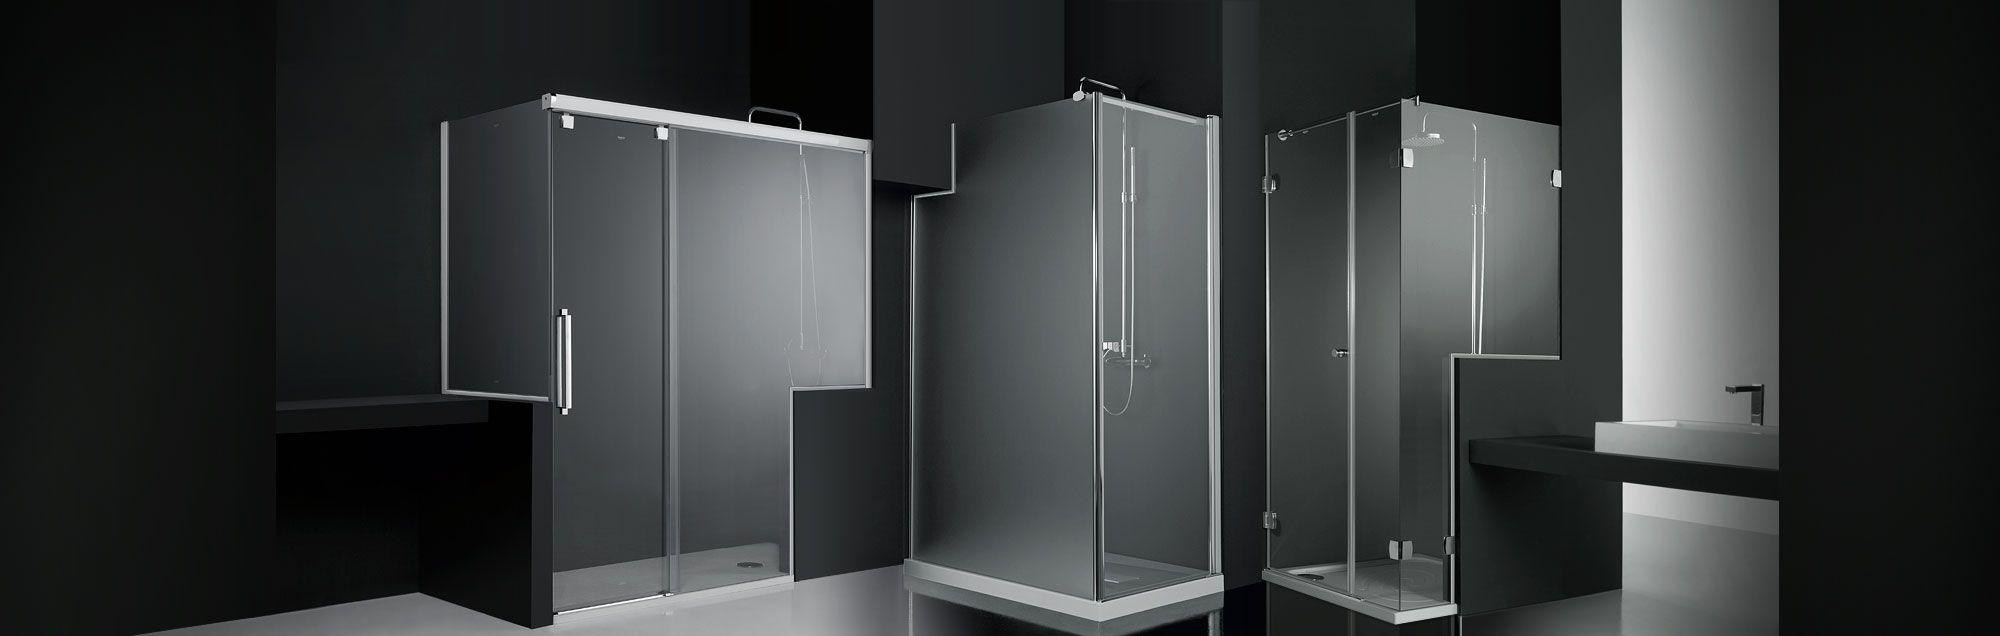 Mamparas especiales de baño a medida PROFILTEK